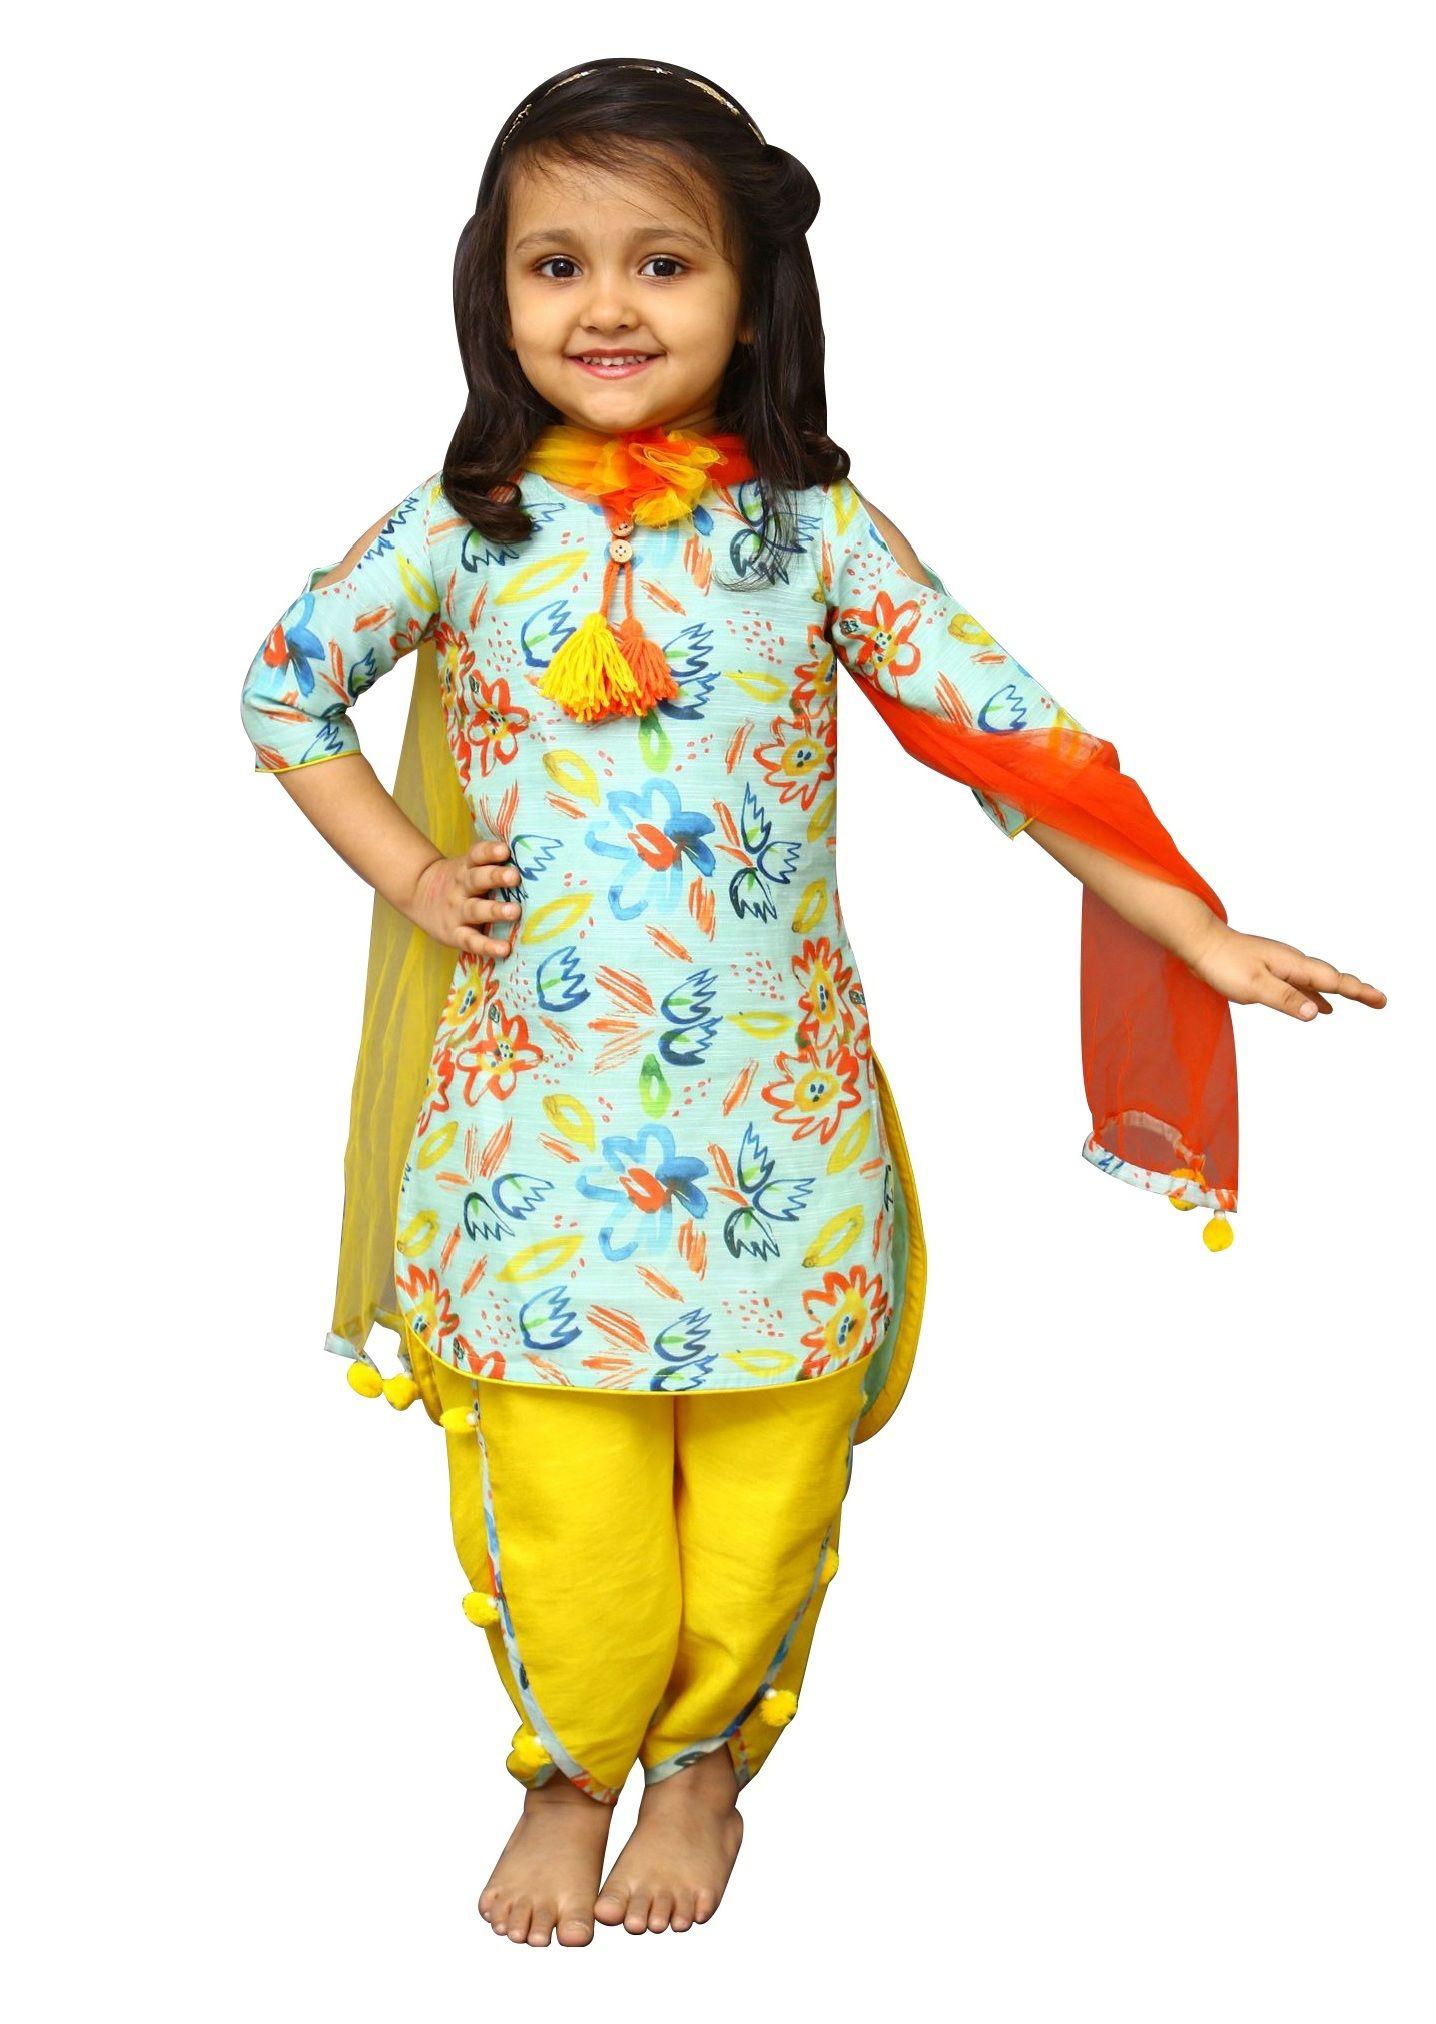 Where it is better to buy kidswear on sale 18